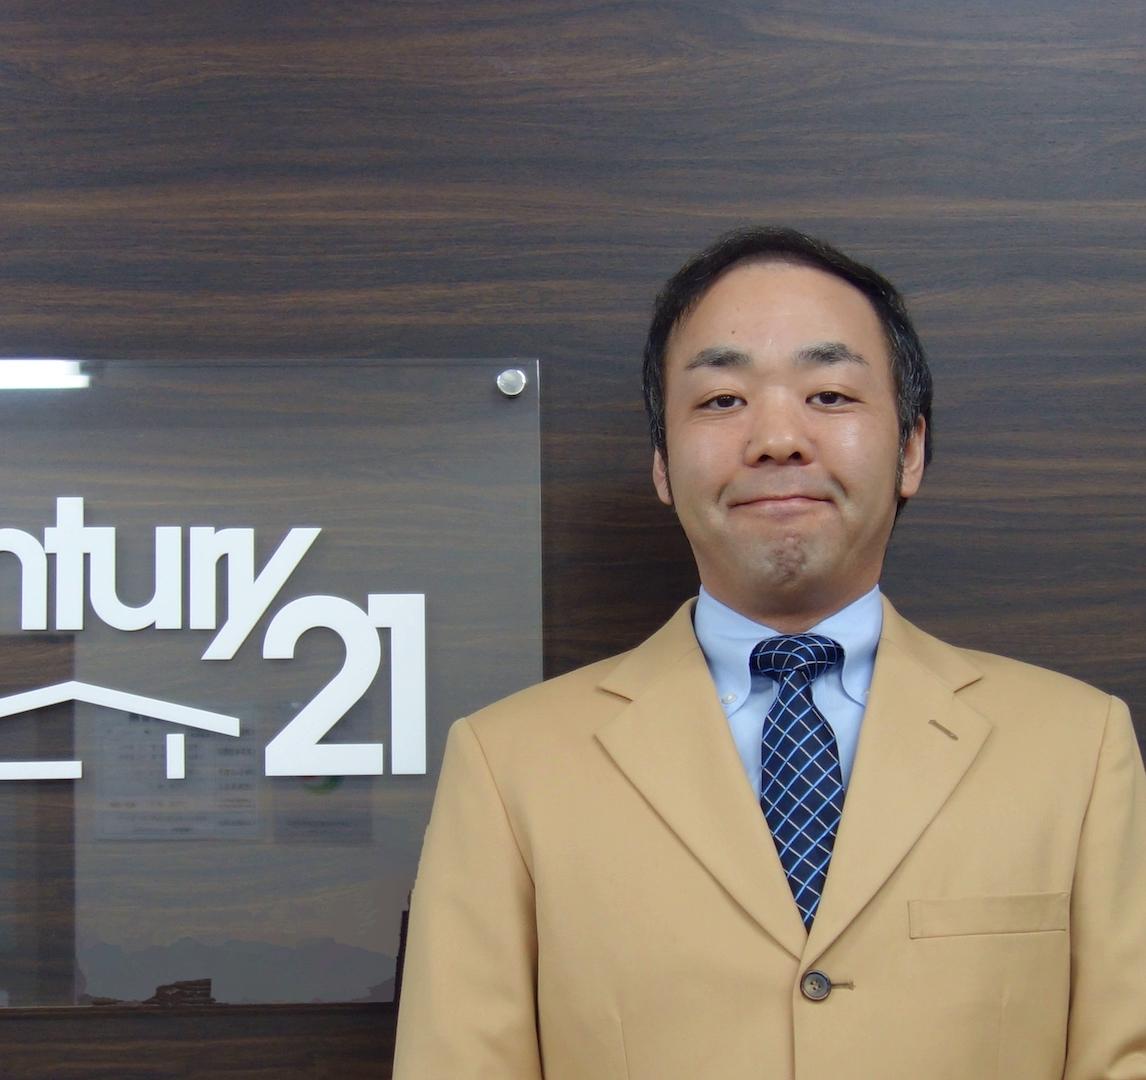 センチュリー21アルクホーム佐藤延介の写真